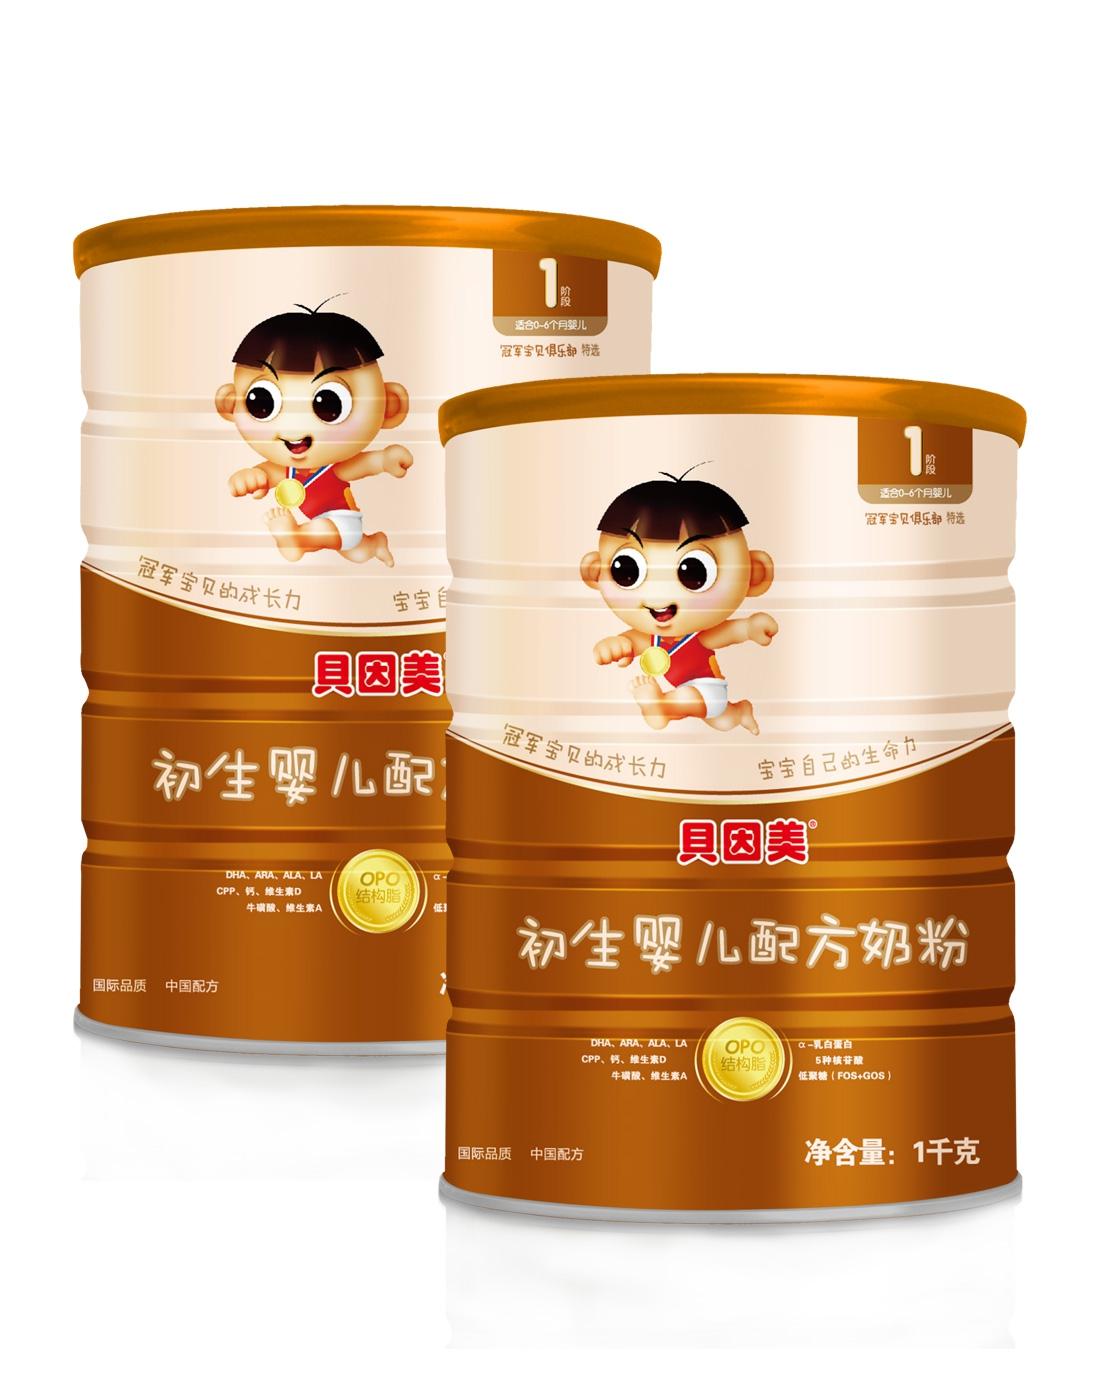 贝因美奶粉有没有_贝因美奶粉广告矢量图__广告设计_广告设计_